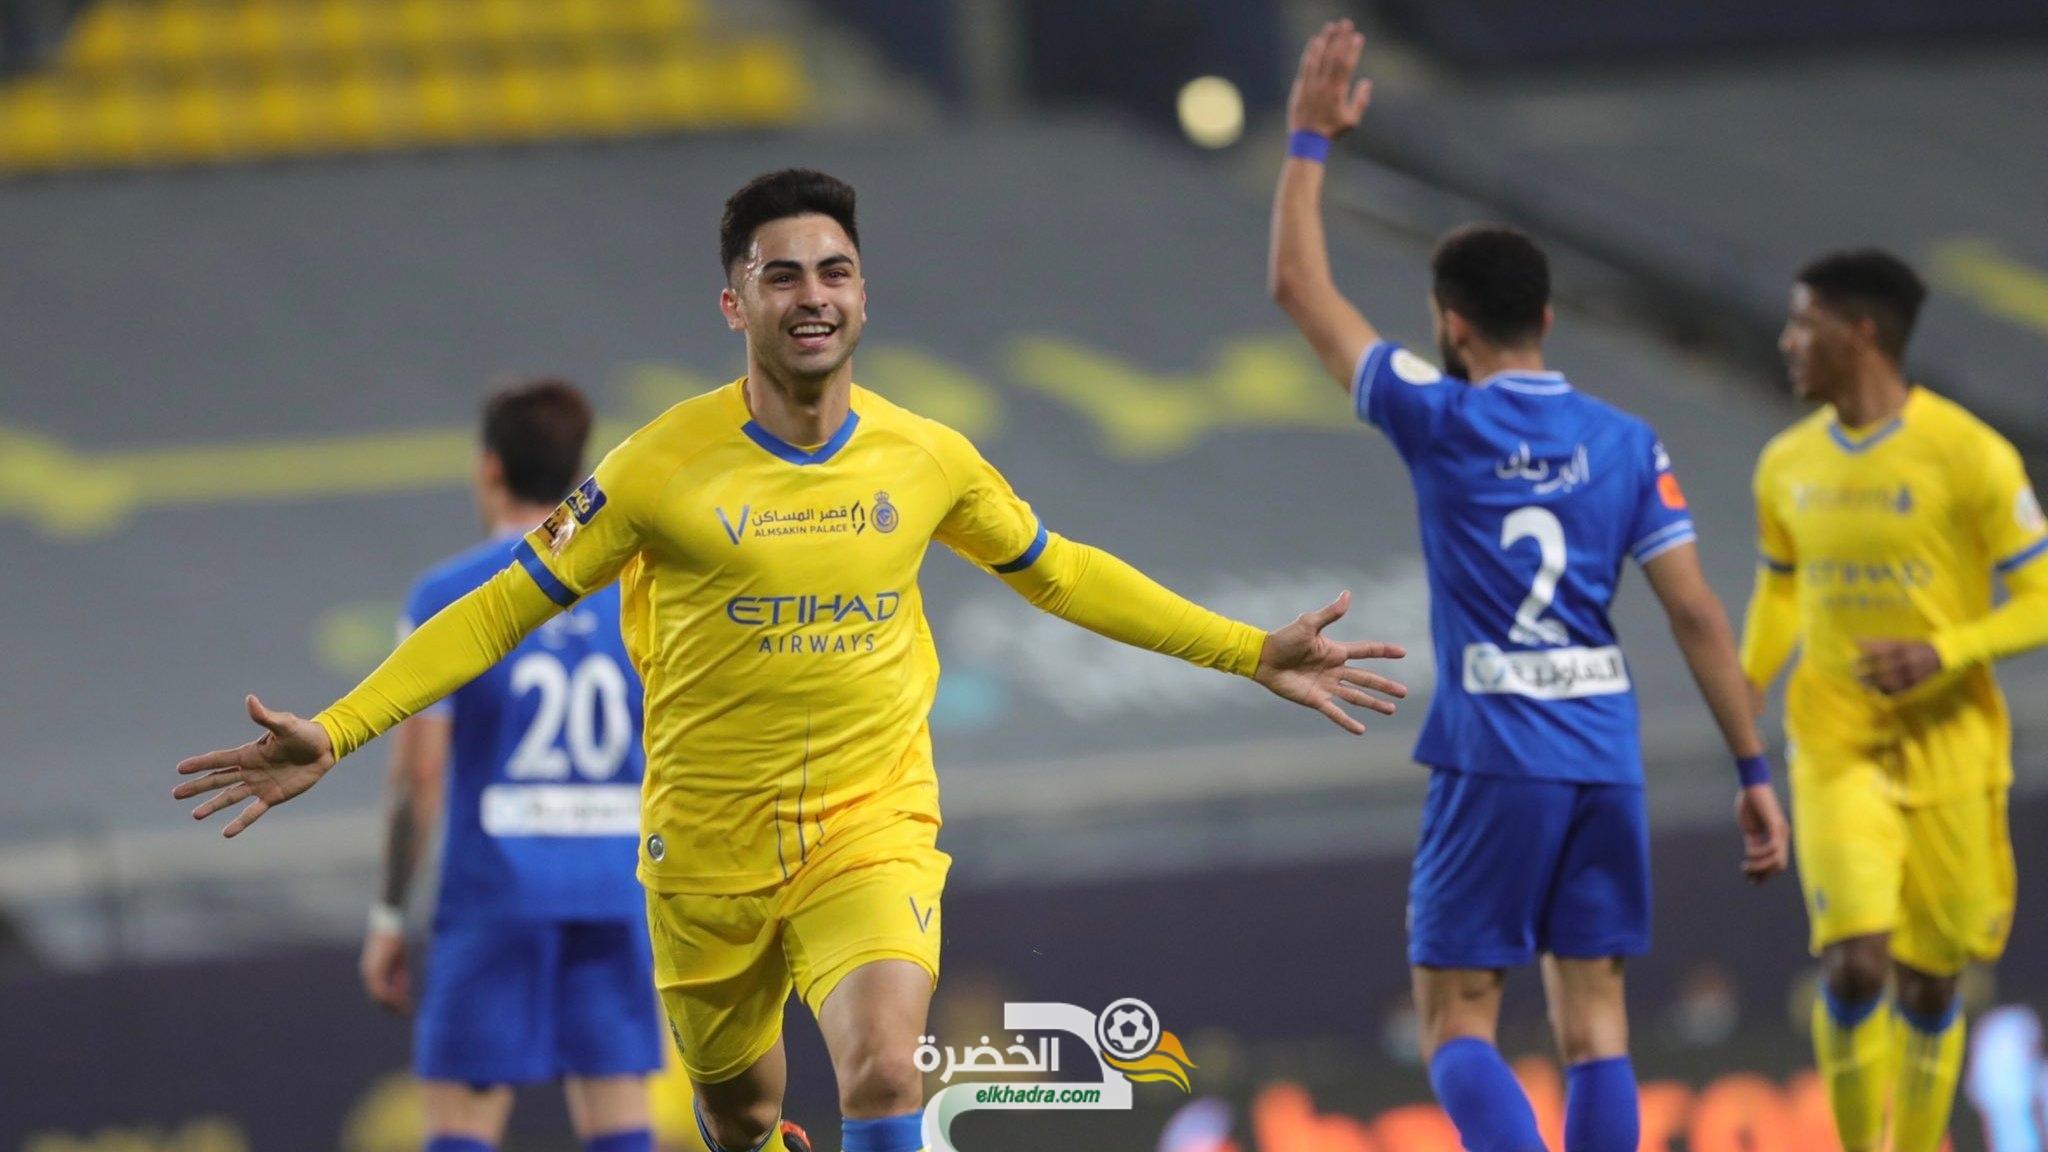 النصر يهزم الهلالفي ديربي الرياض في قمة الجولة 20 من الدوري السعودي  27